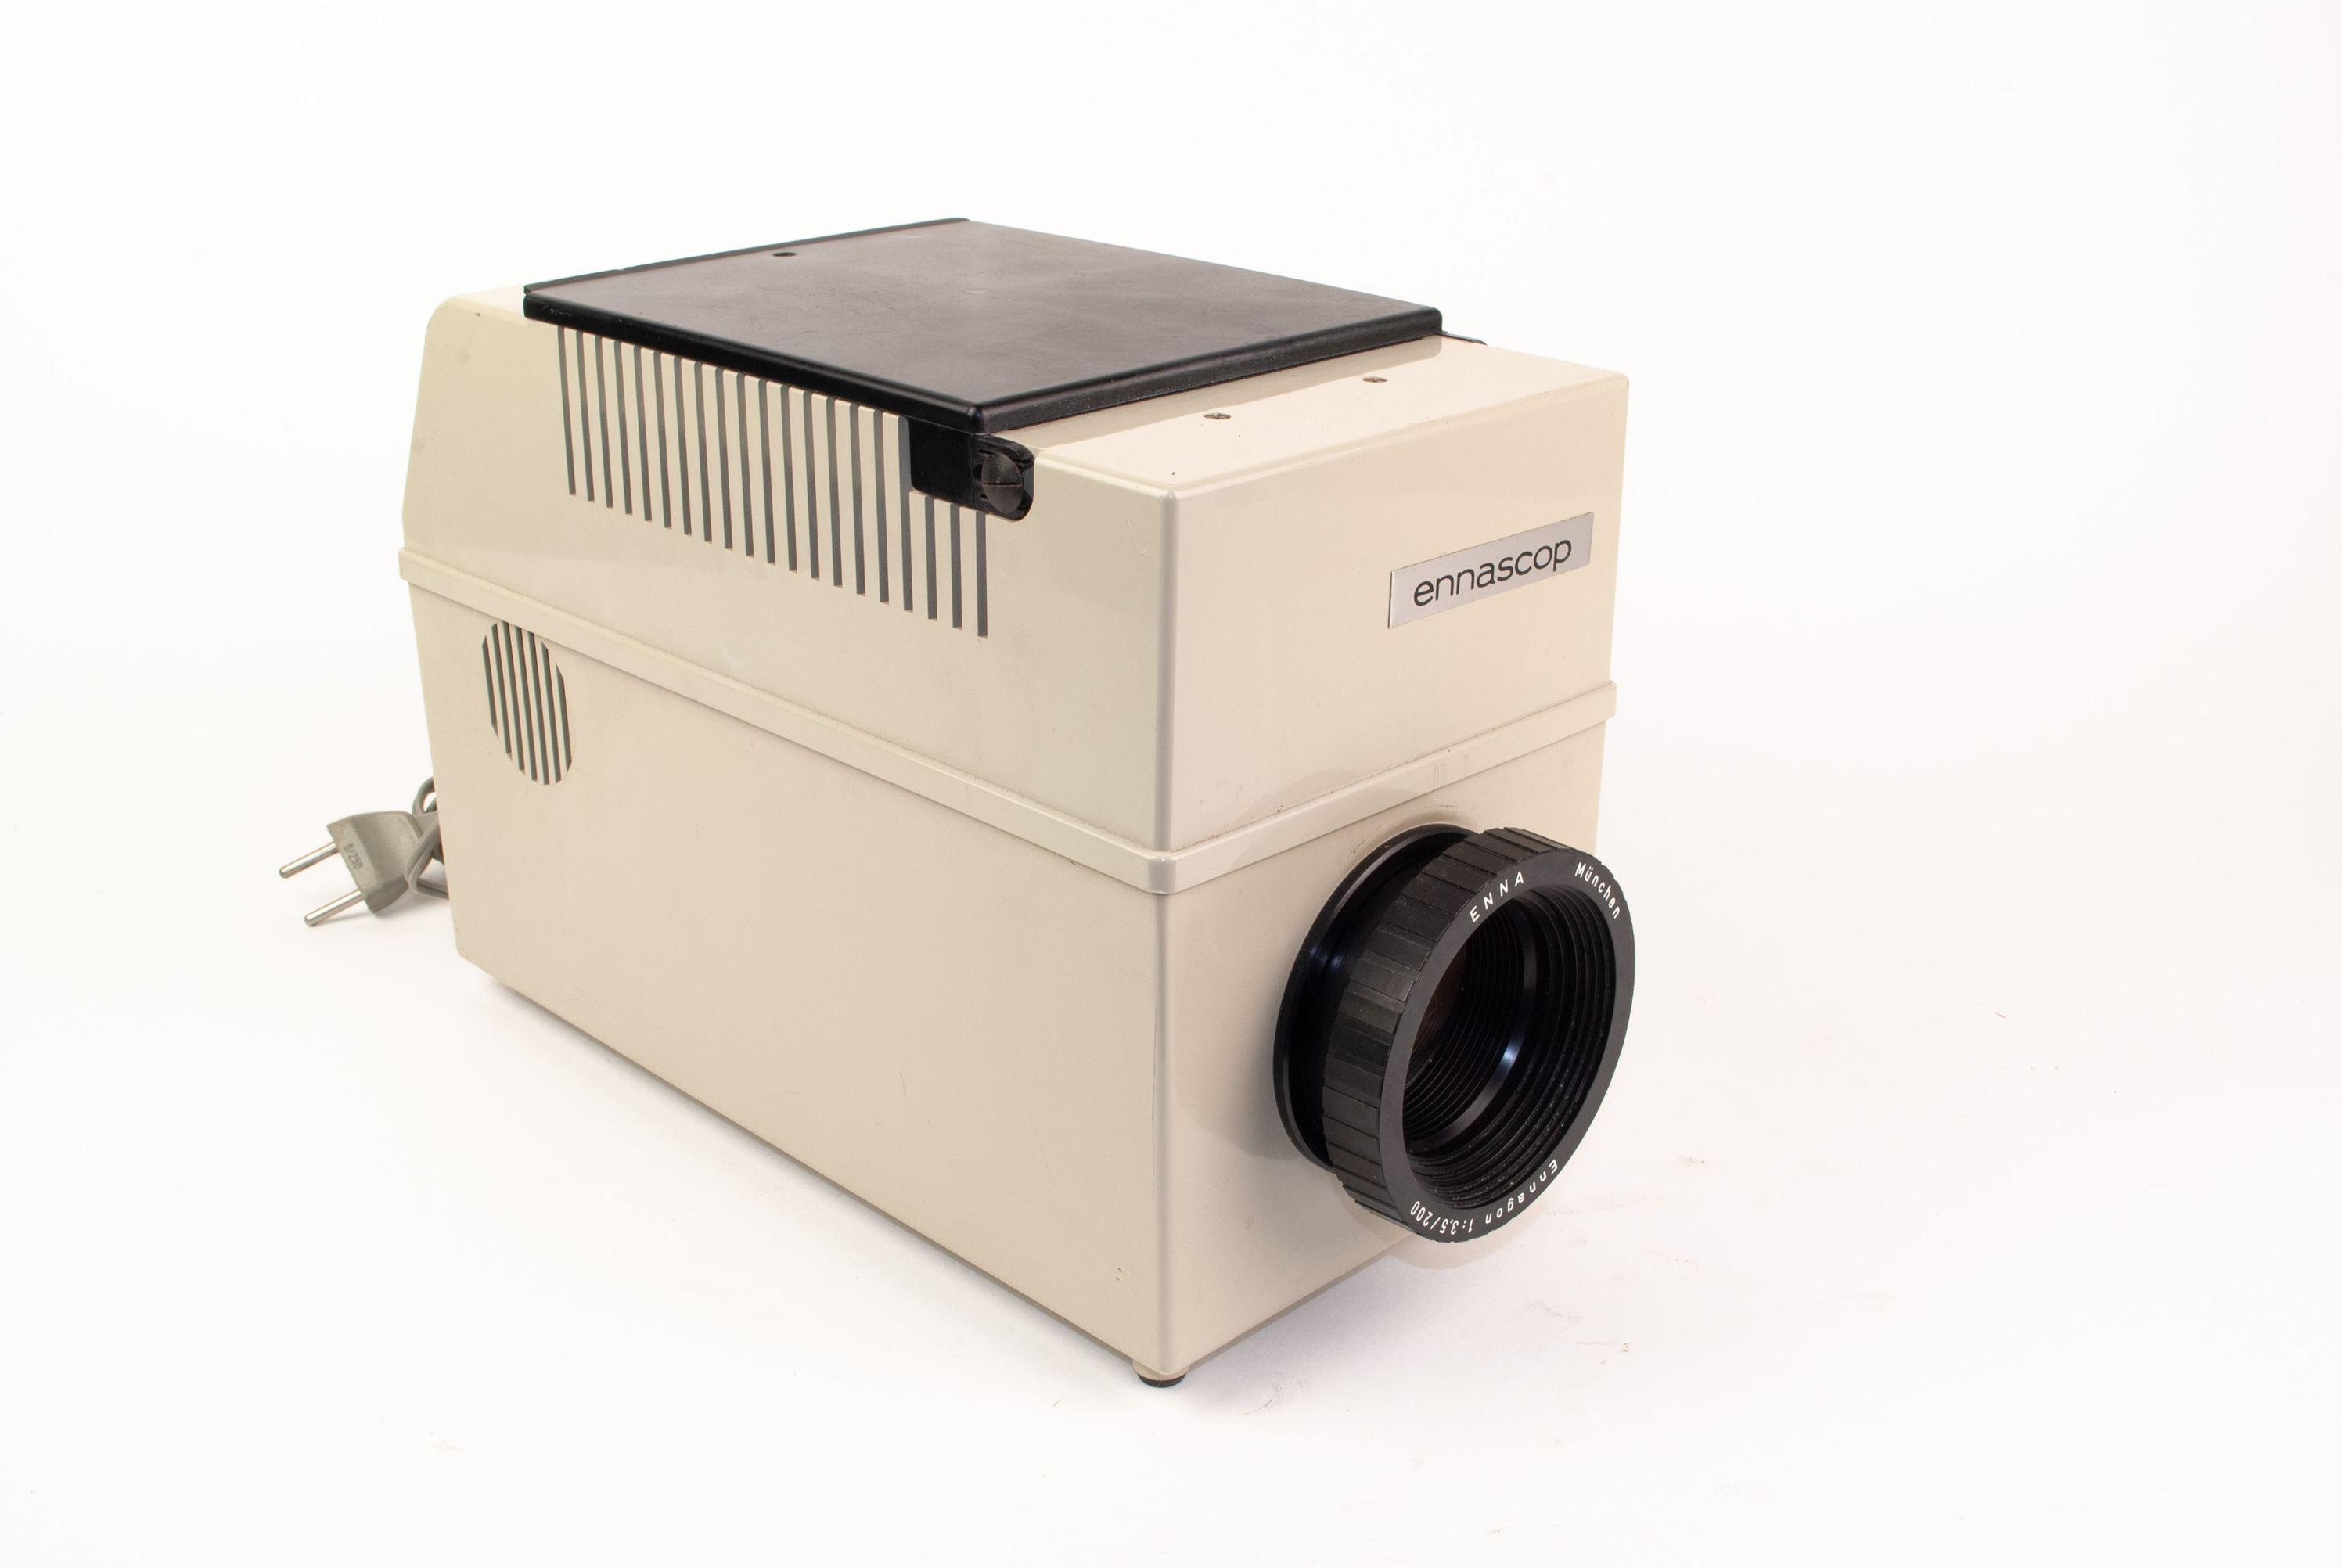 Ennascop (type 8006)